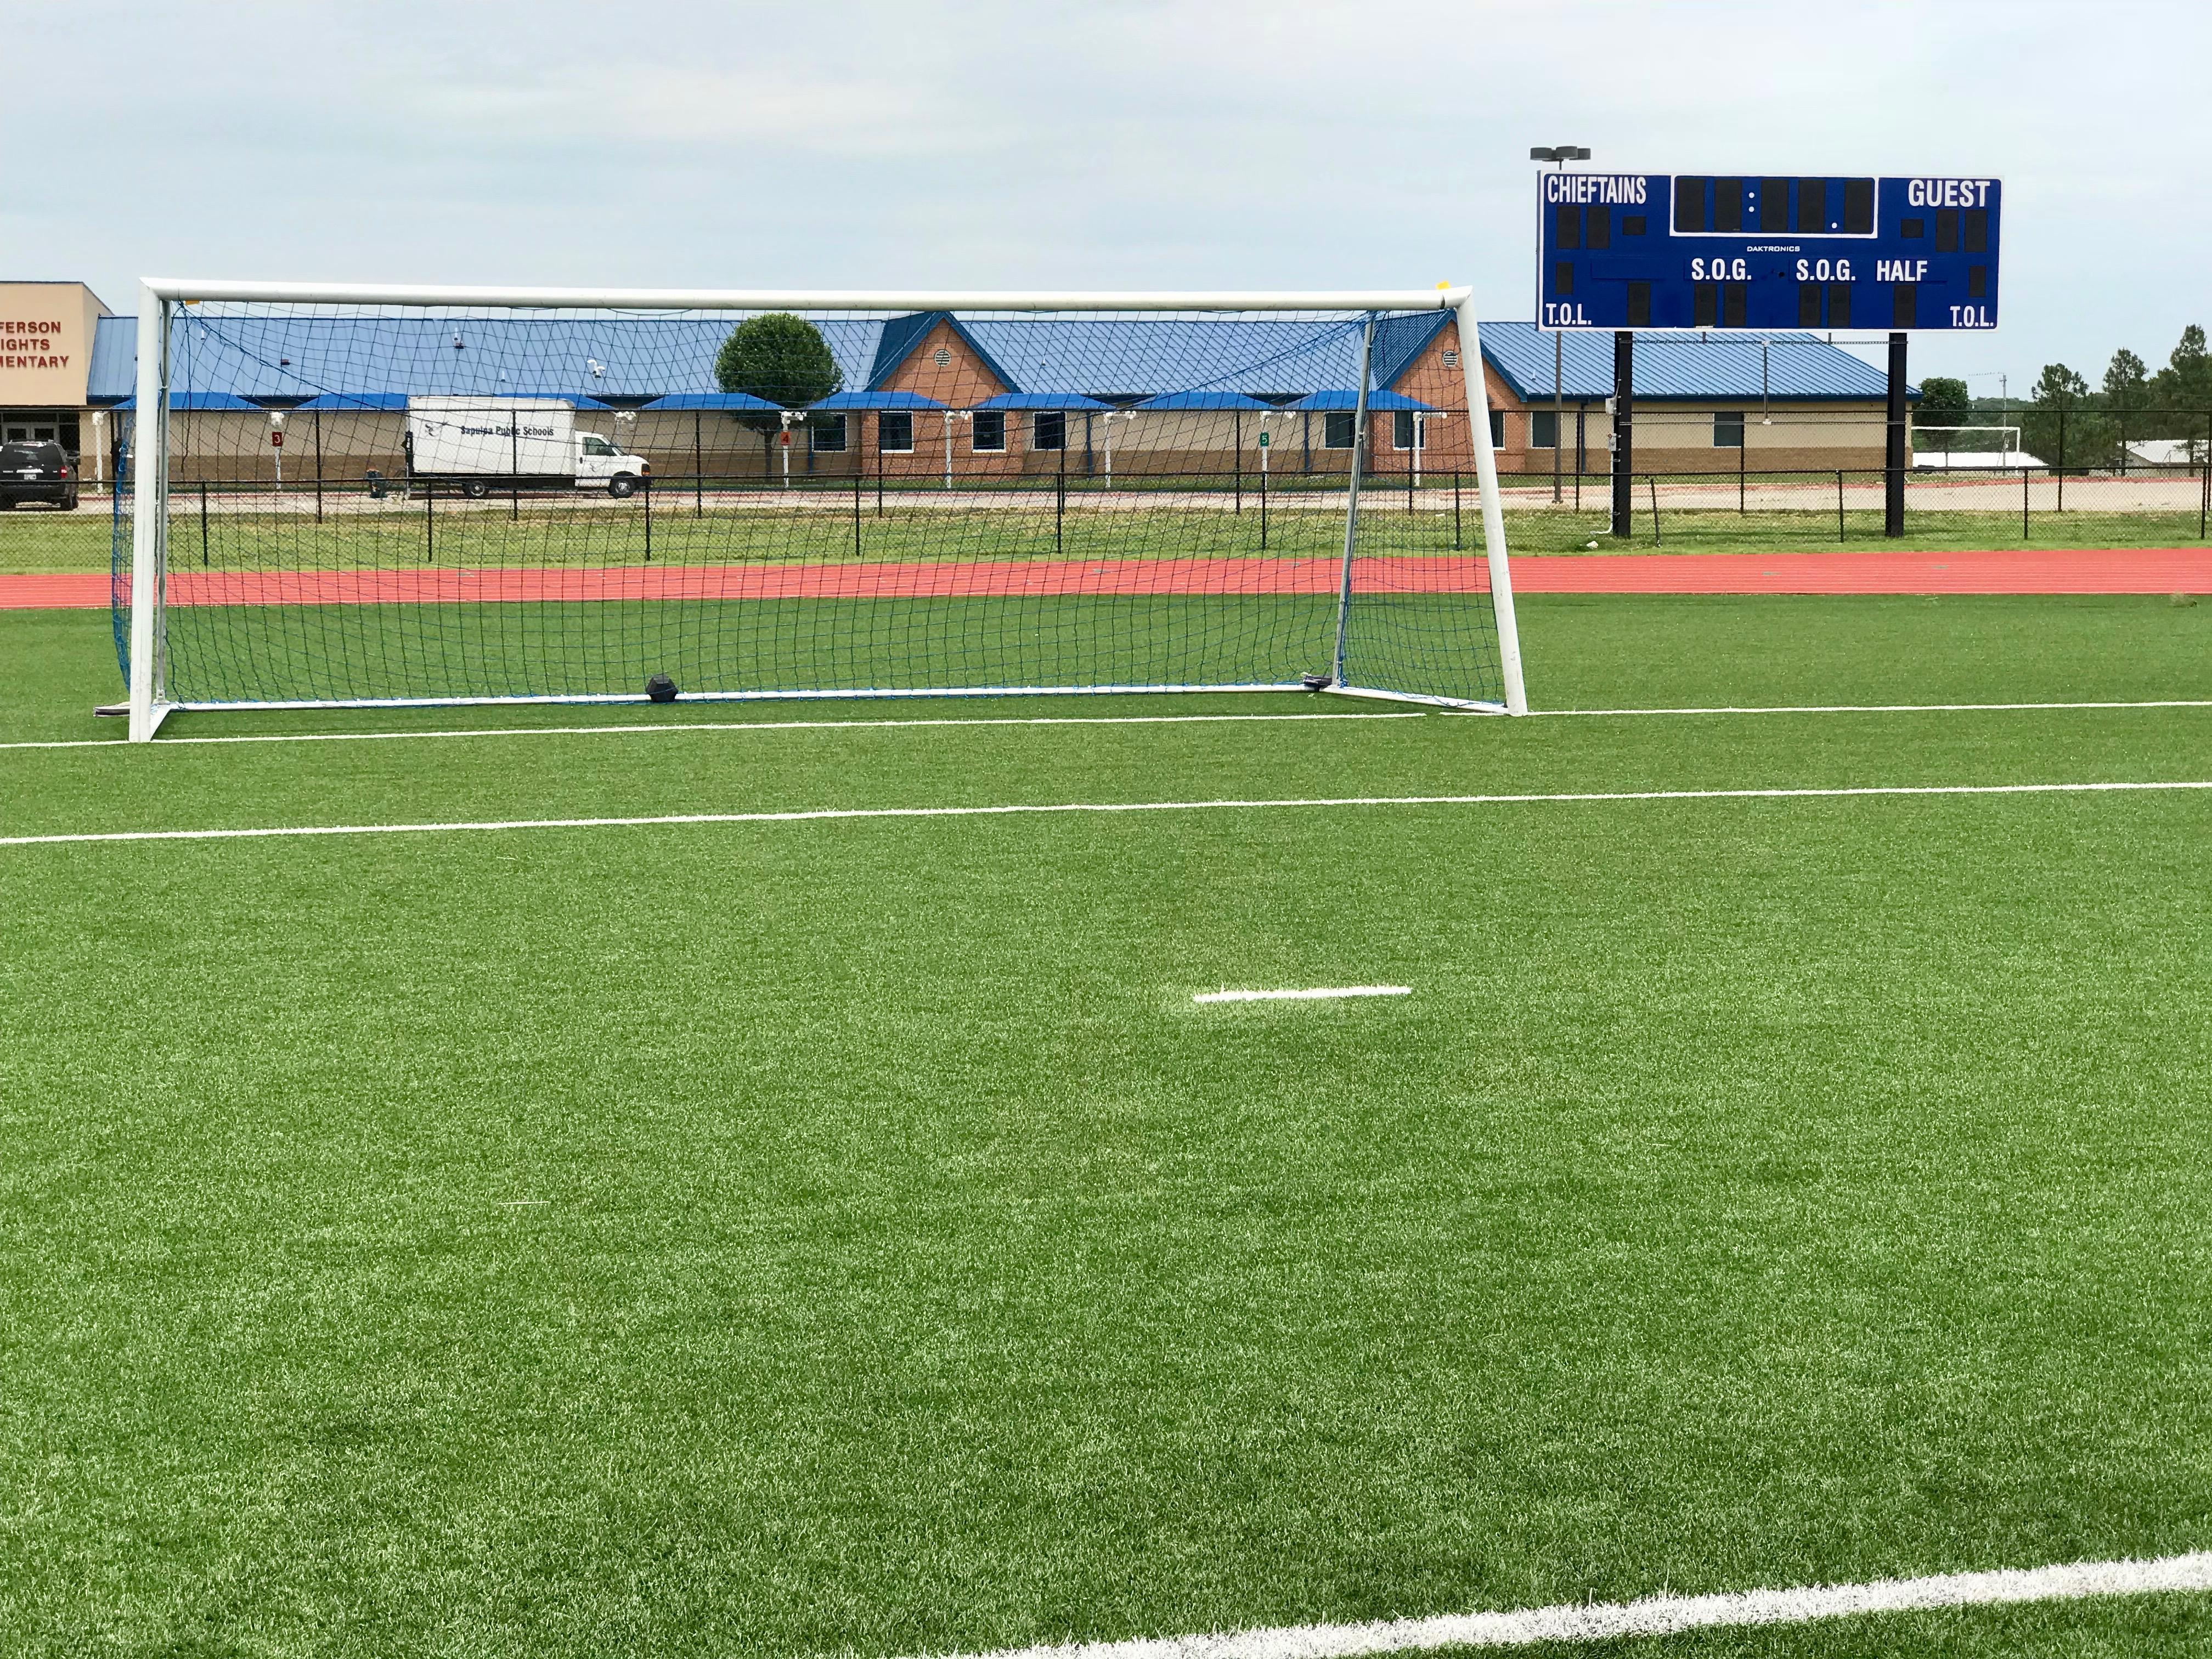 Scoreboard view